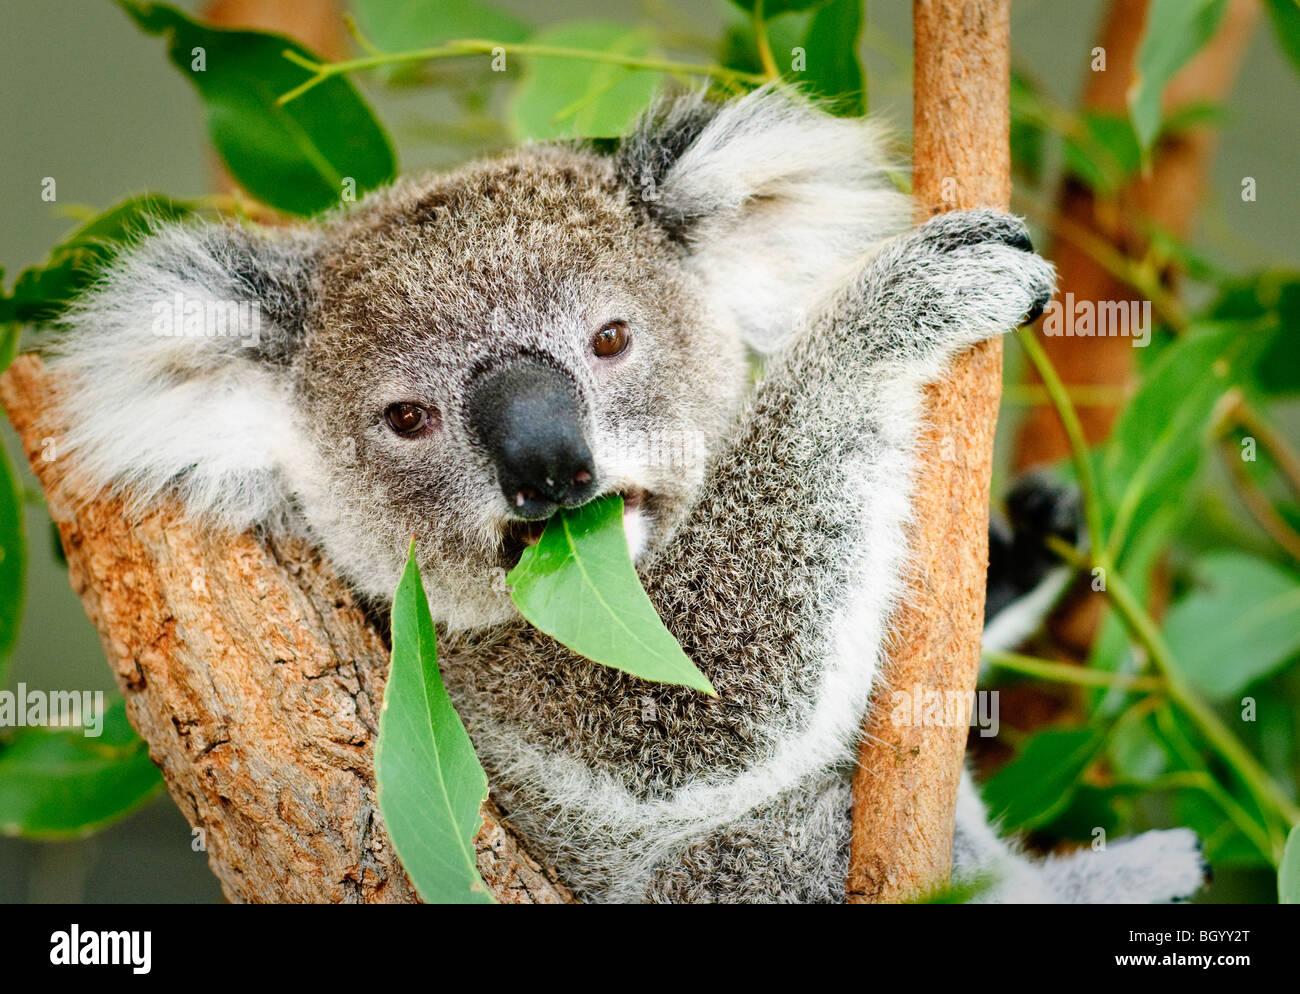 Un koala sentado en un árbol comiendo una goma de mascar la hoja y mirando directamente a la cámara. Imagen De Stock